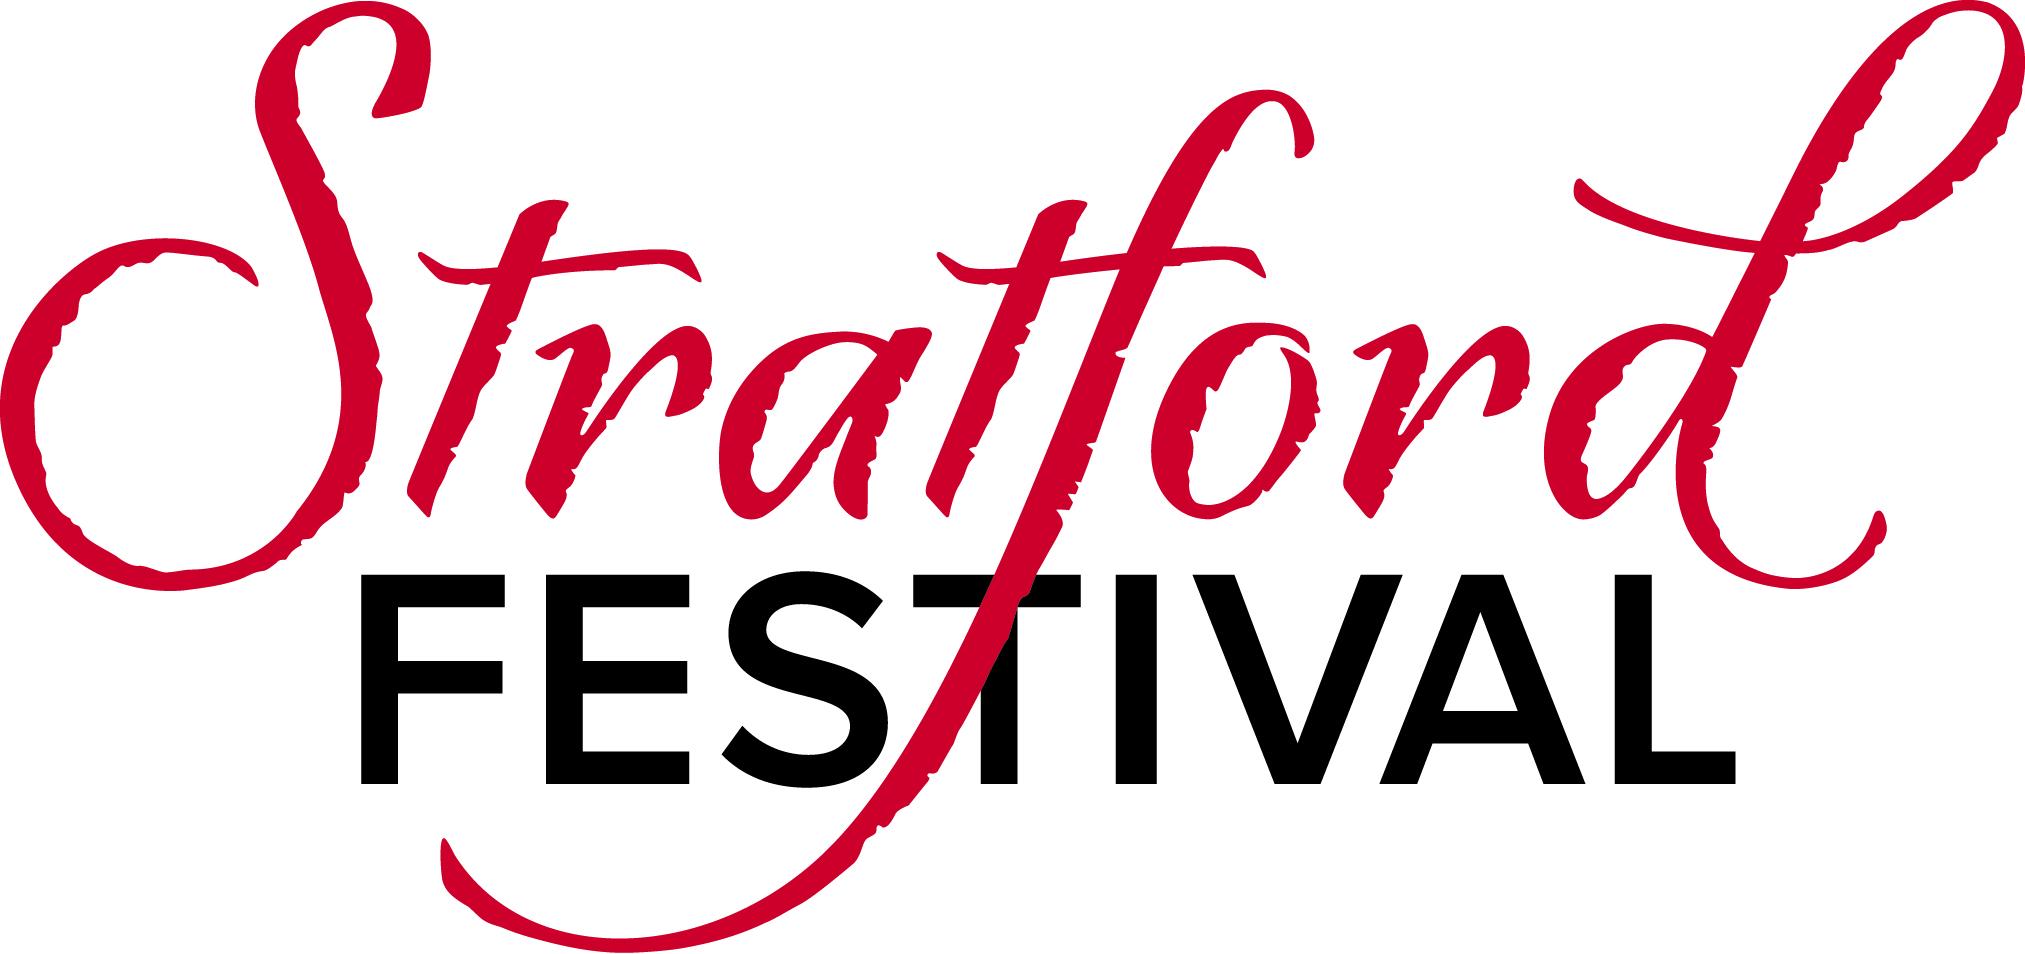 http://1000islandsplayhouse.com/assets//stratford-festival-logo.jpg